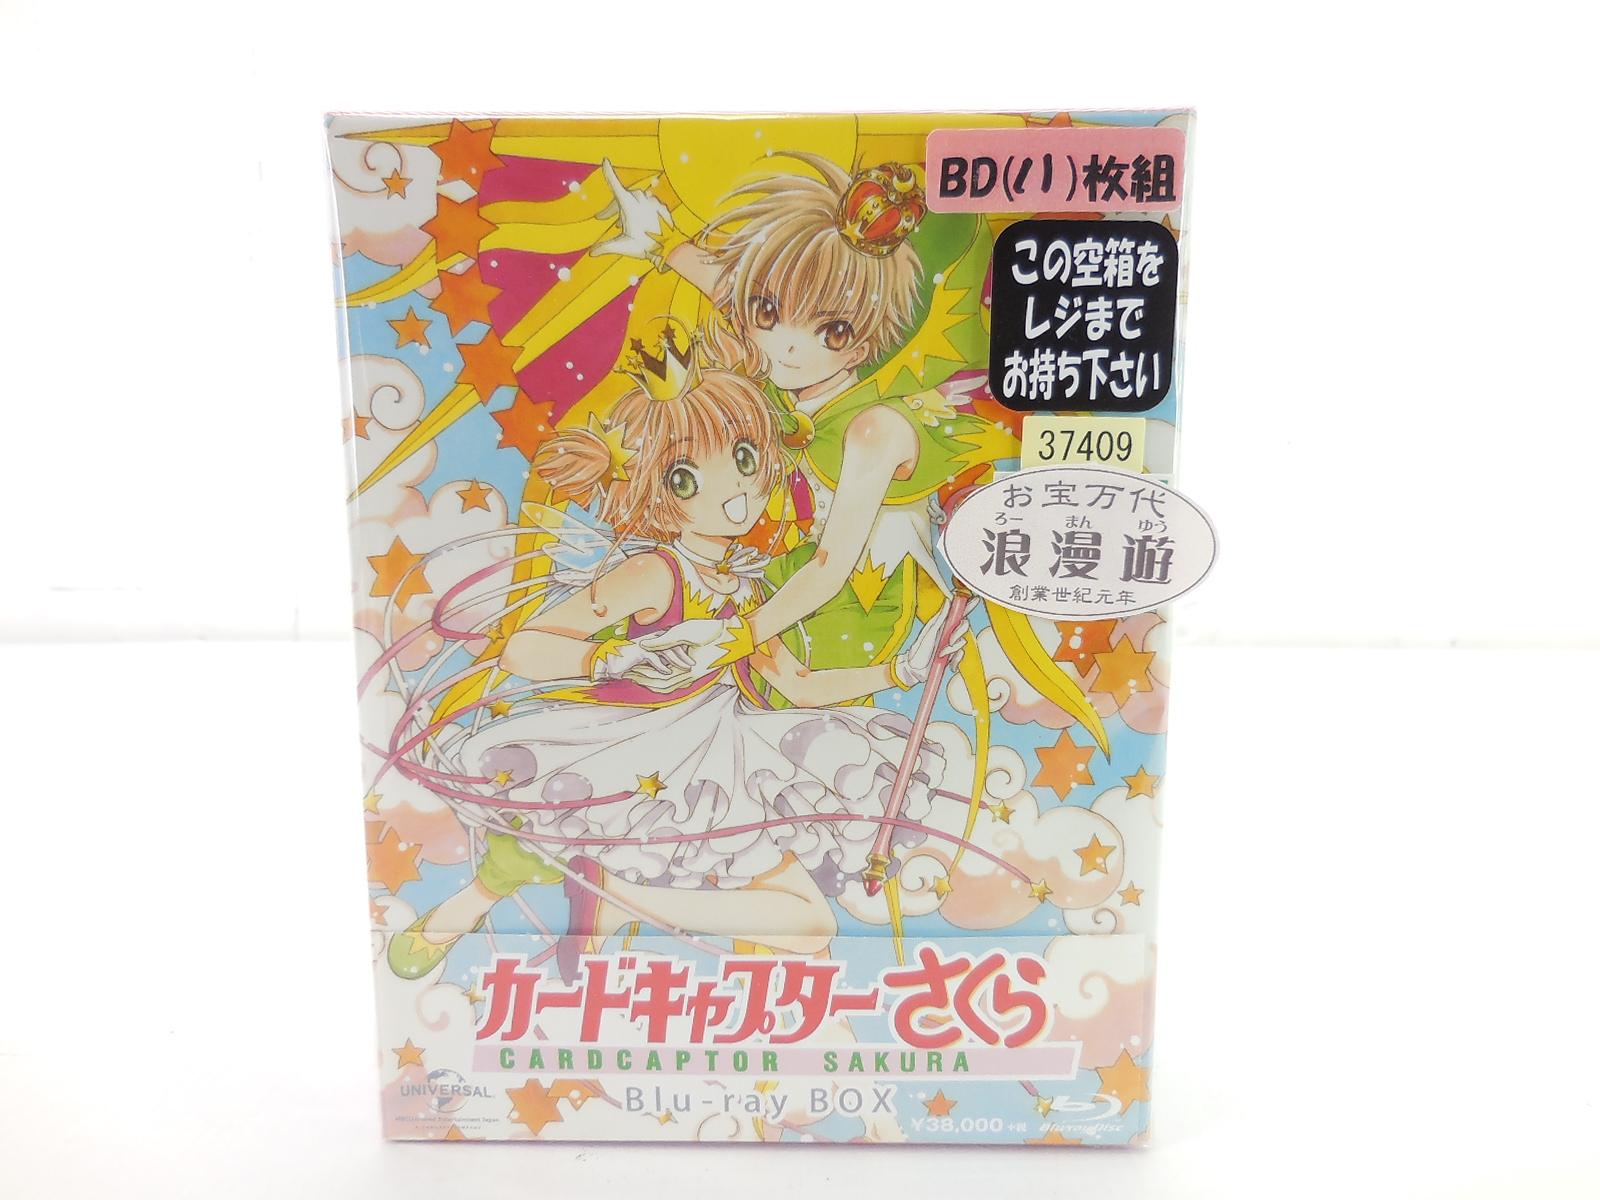 カードキャプターさくら Blu-ray-BOX 【Blu-ray】